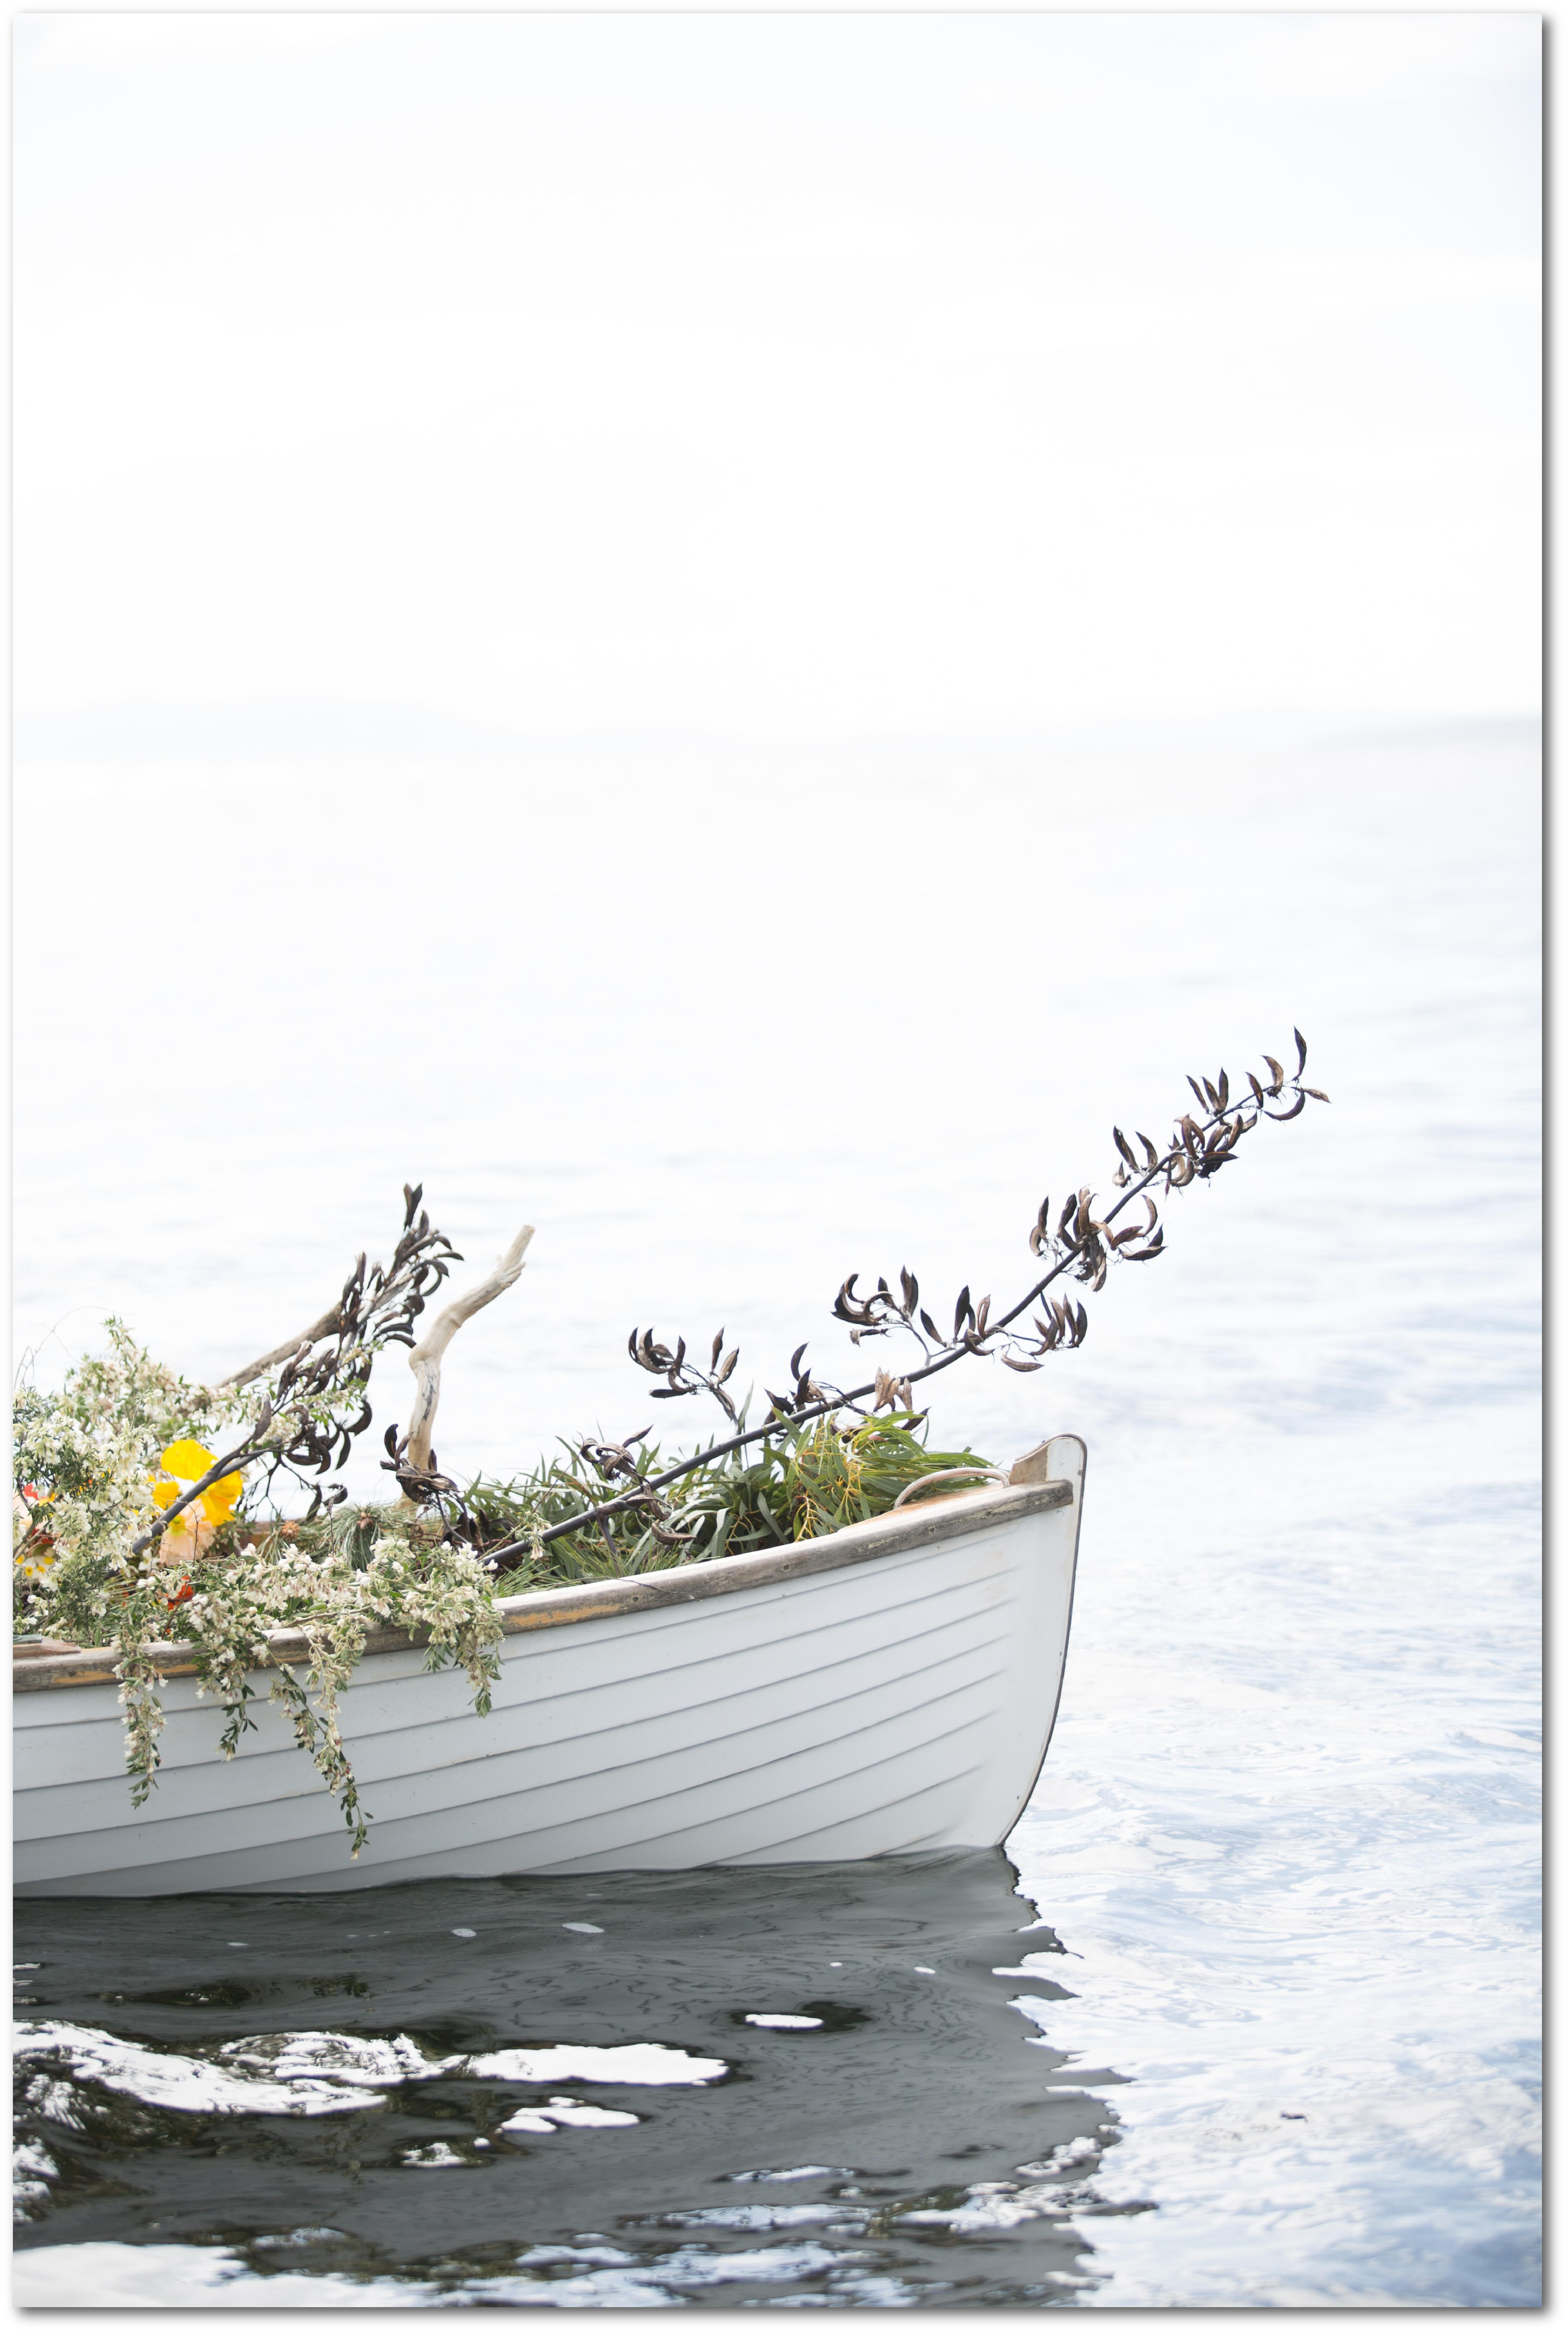 Obraz na plátno bílá loďka 100x70cm možnost zvolit vlastní velikost